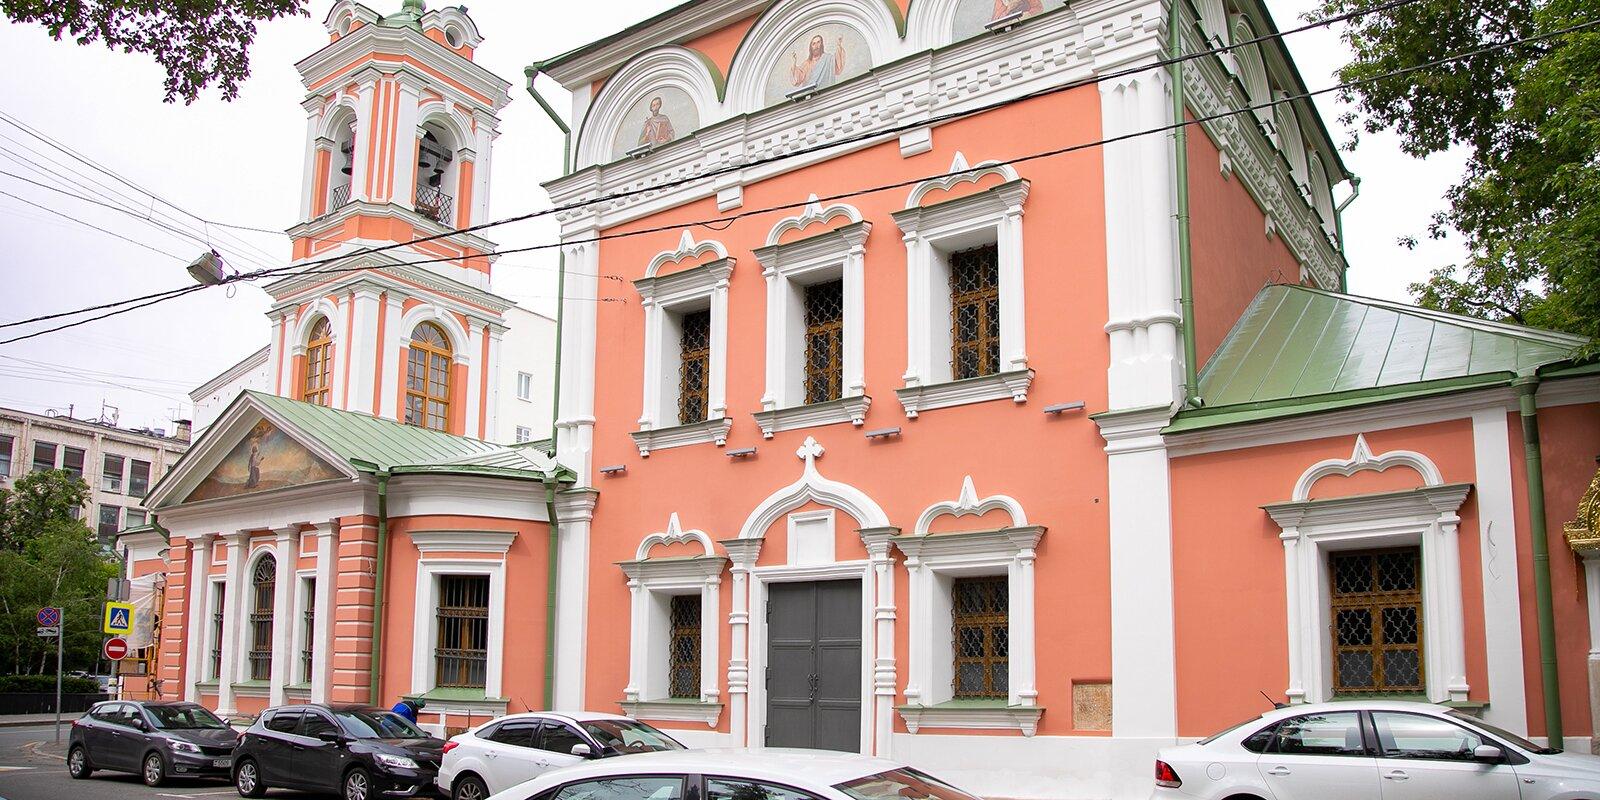 Реставрация церкви Воскресения Словущего на Успенском Вражке завершится в 2022 году